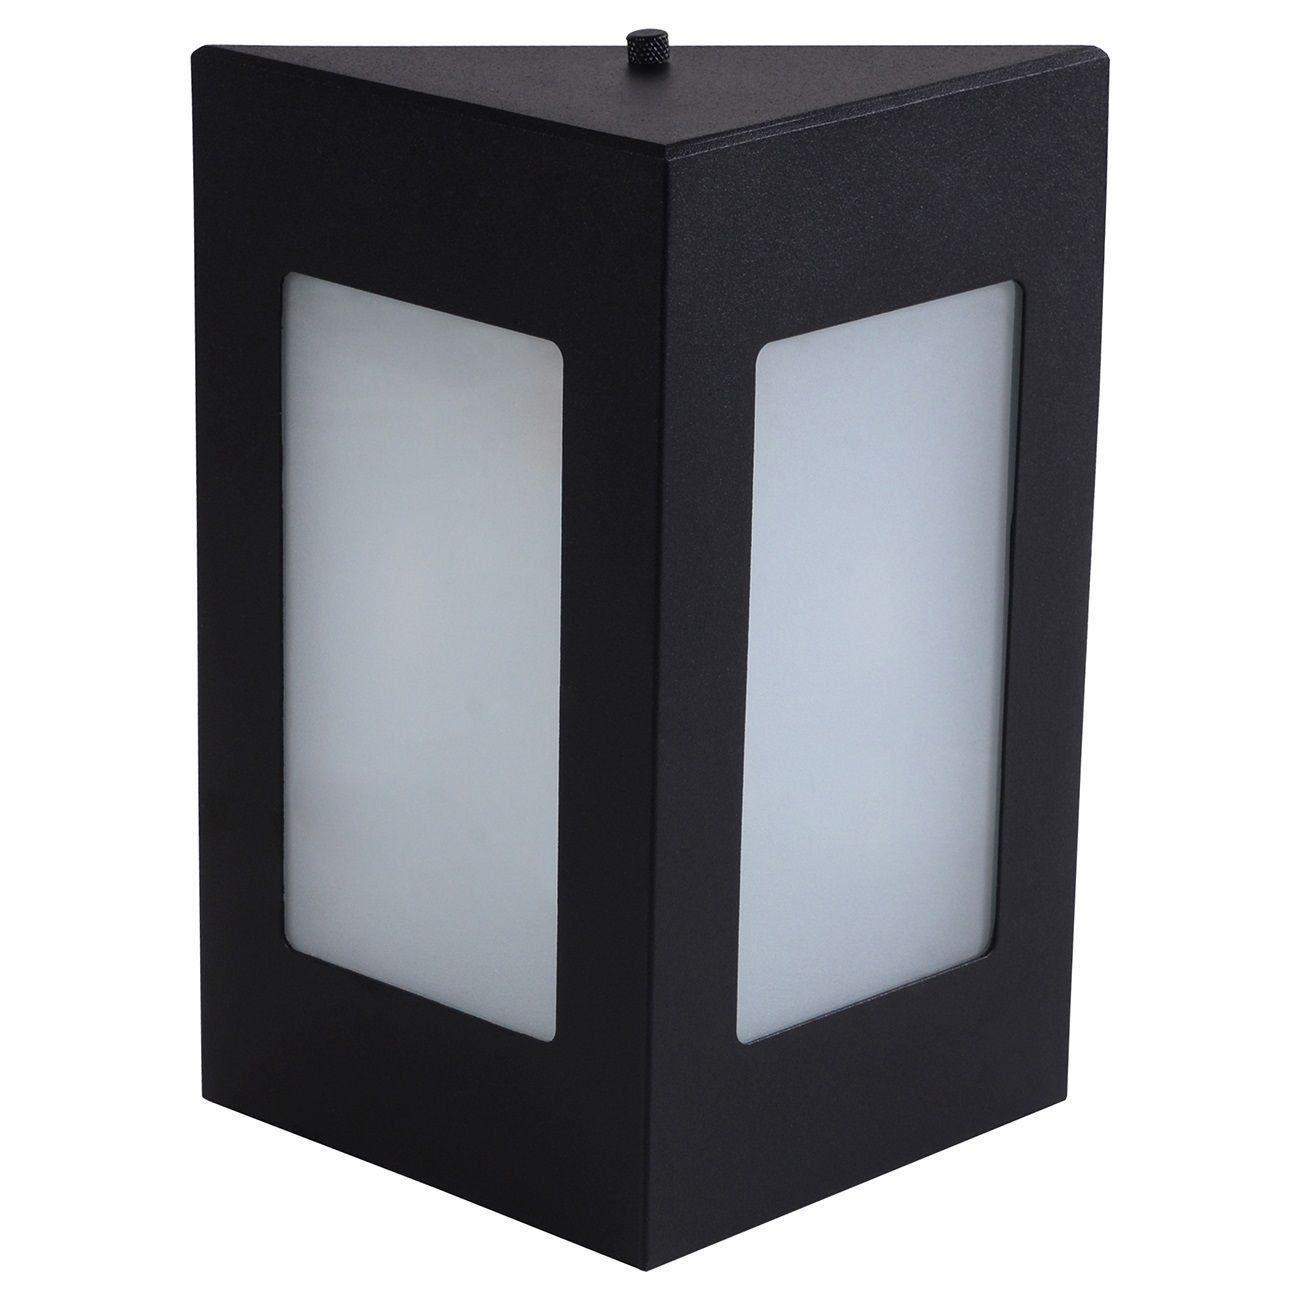 Arandela Triângular Luminária Externa Interna Muro Parede Alumínio Preto - Rei da Iluminação